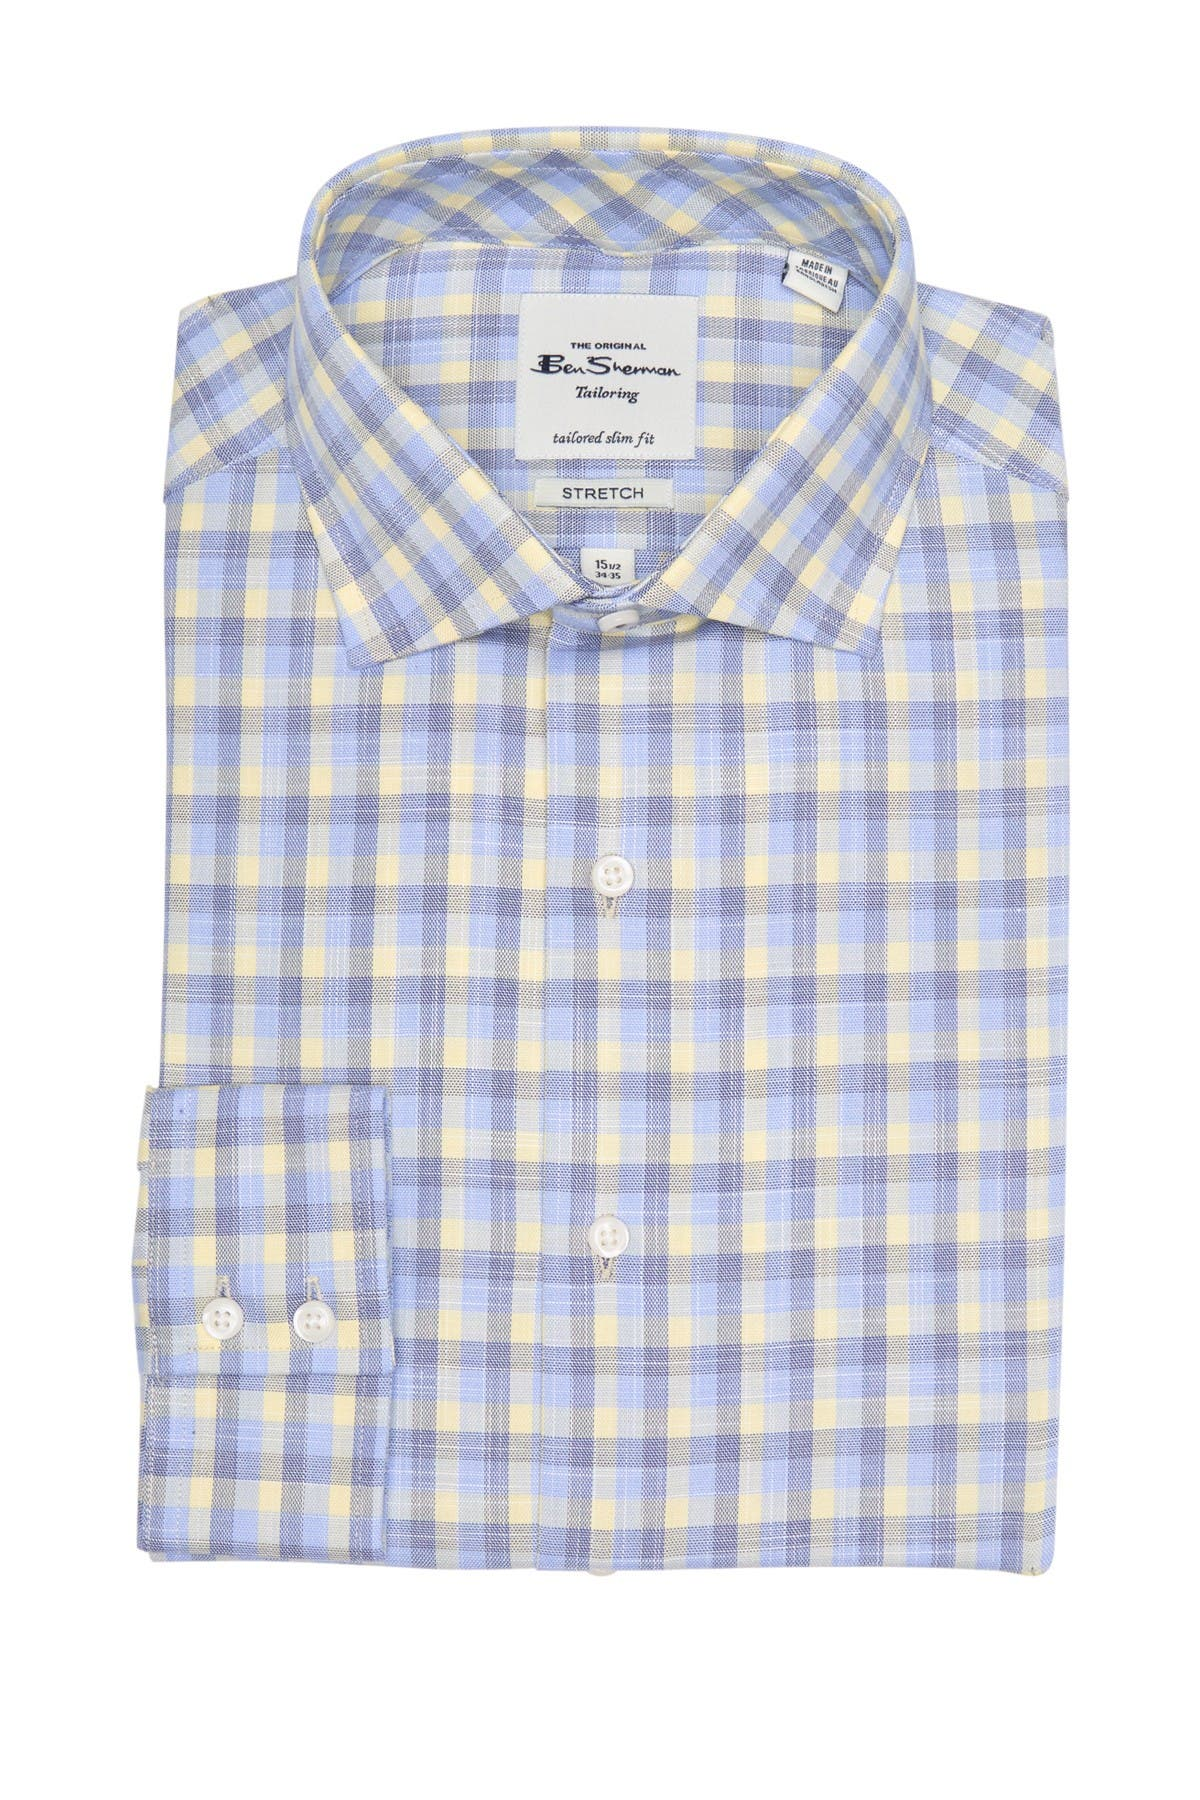 Ben Sherman Yellow & Blue Slub Check Slim Fit Dress Shirt